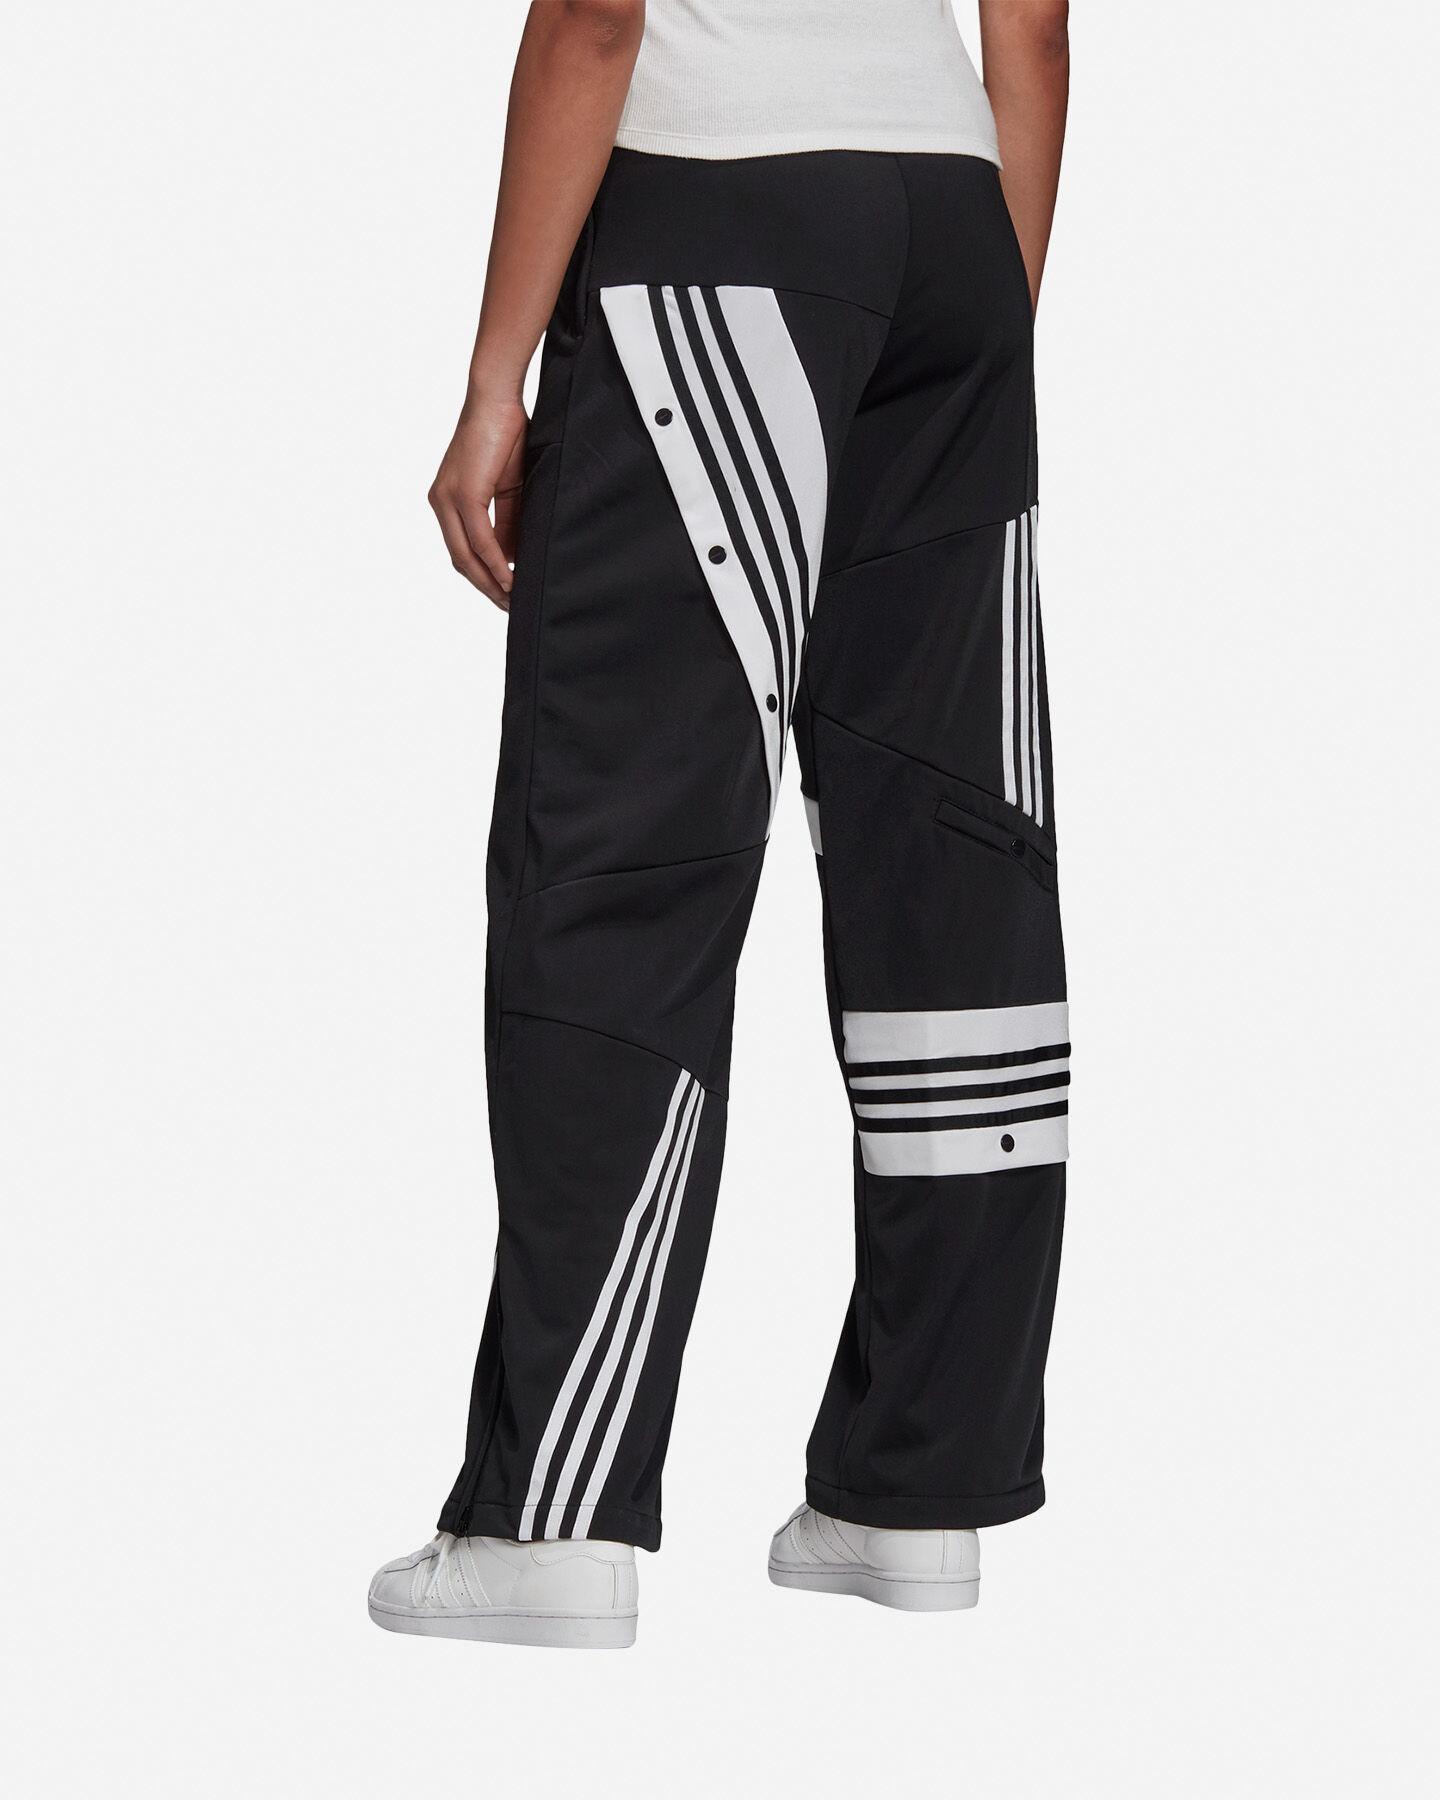 Pantalone ADIDAS ORIGINALS DANIELLE CATHARI TRACK W S5210233 scatto 4